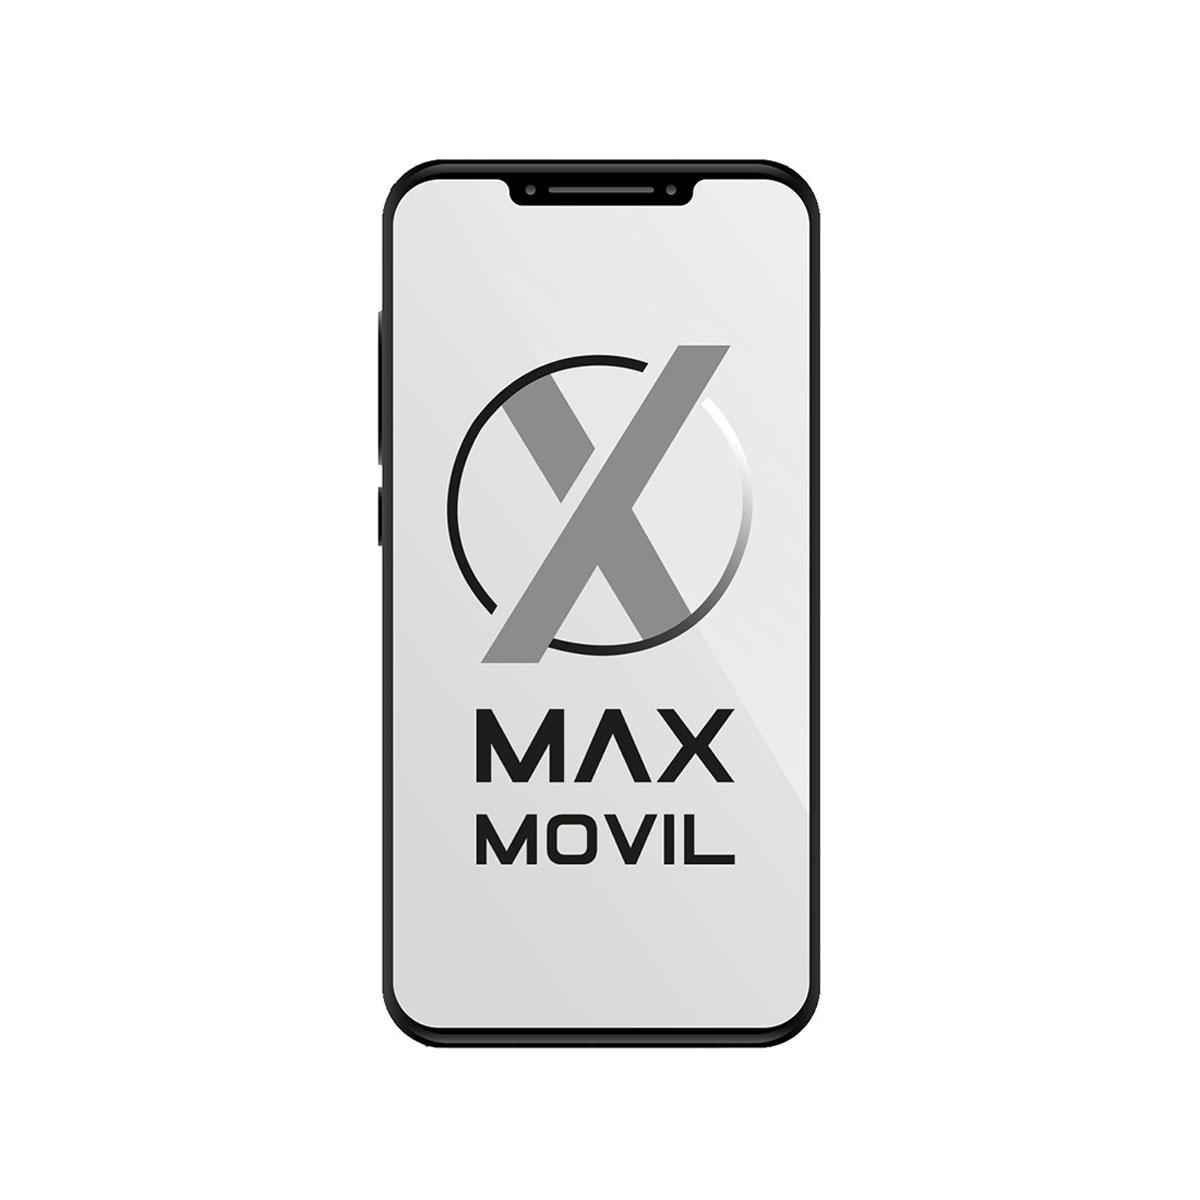 Samsung galaxy s9 plus maxmovil